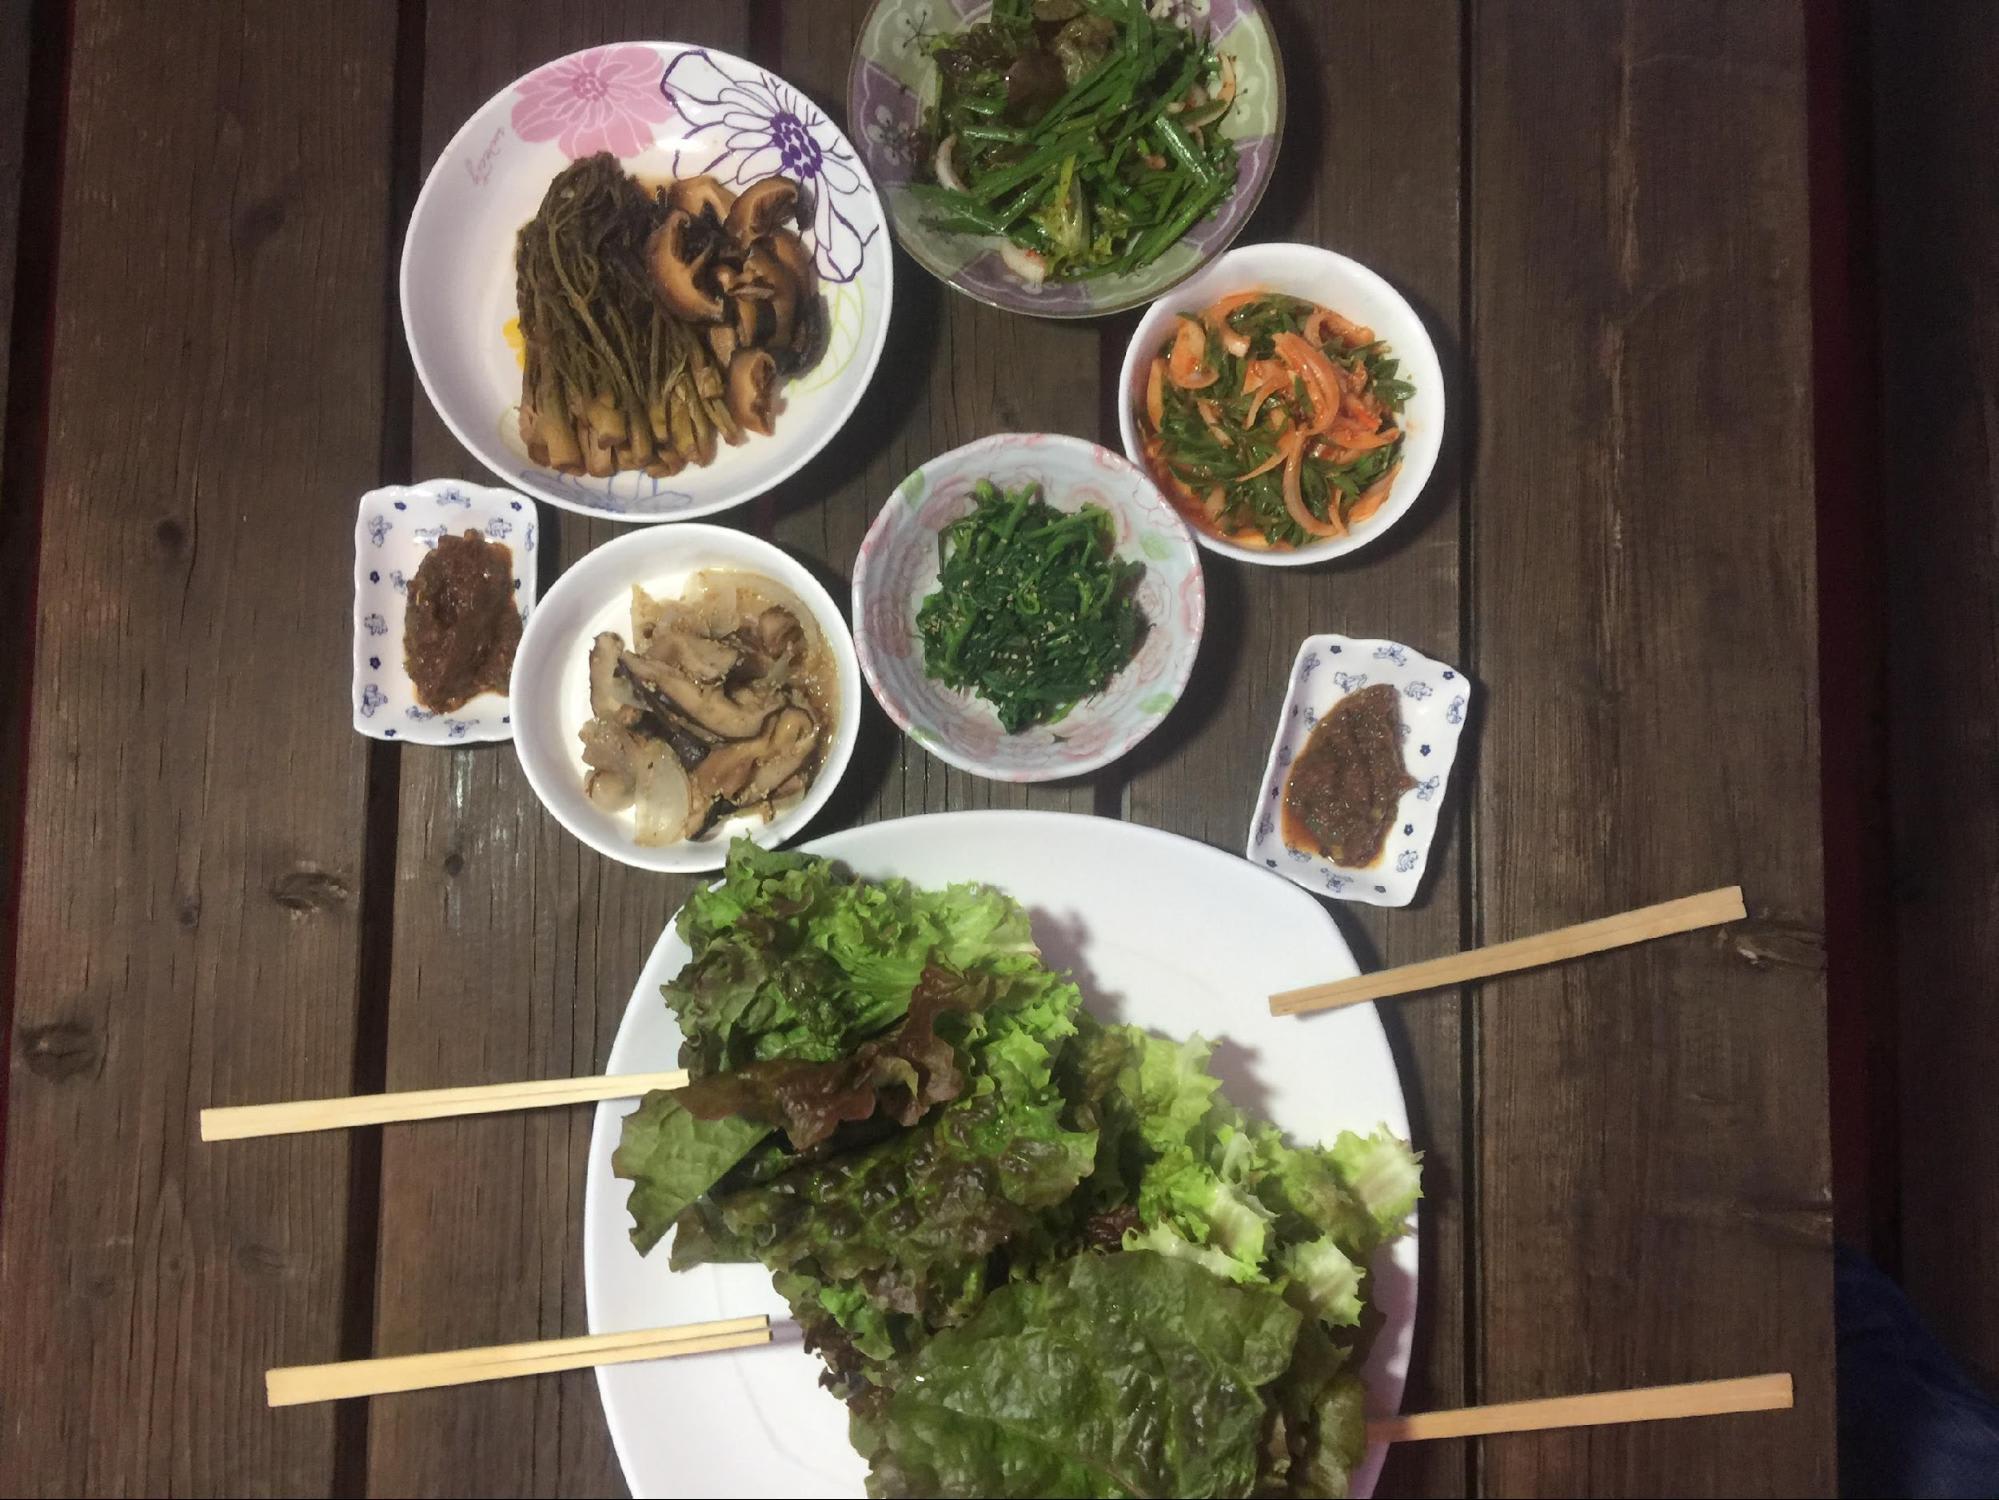 bữa cơm của người hàn quốc